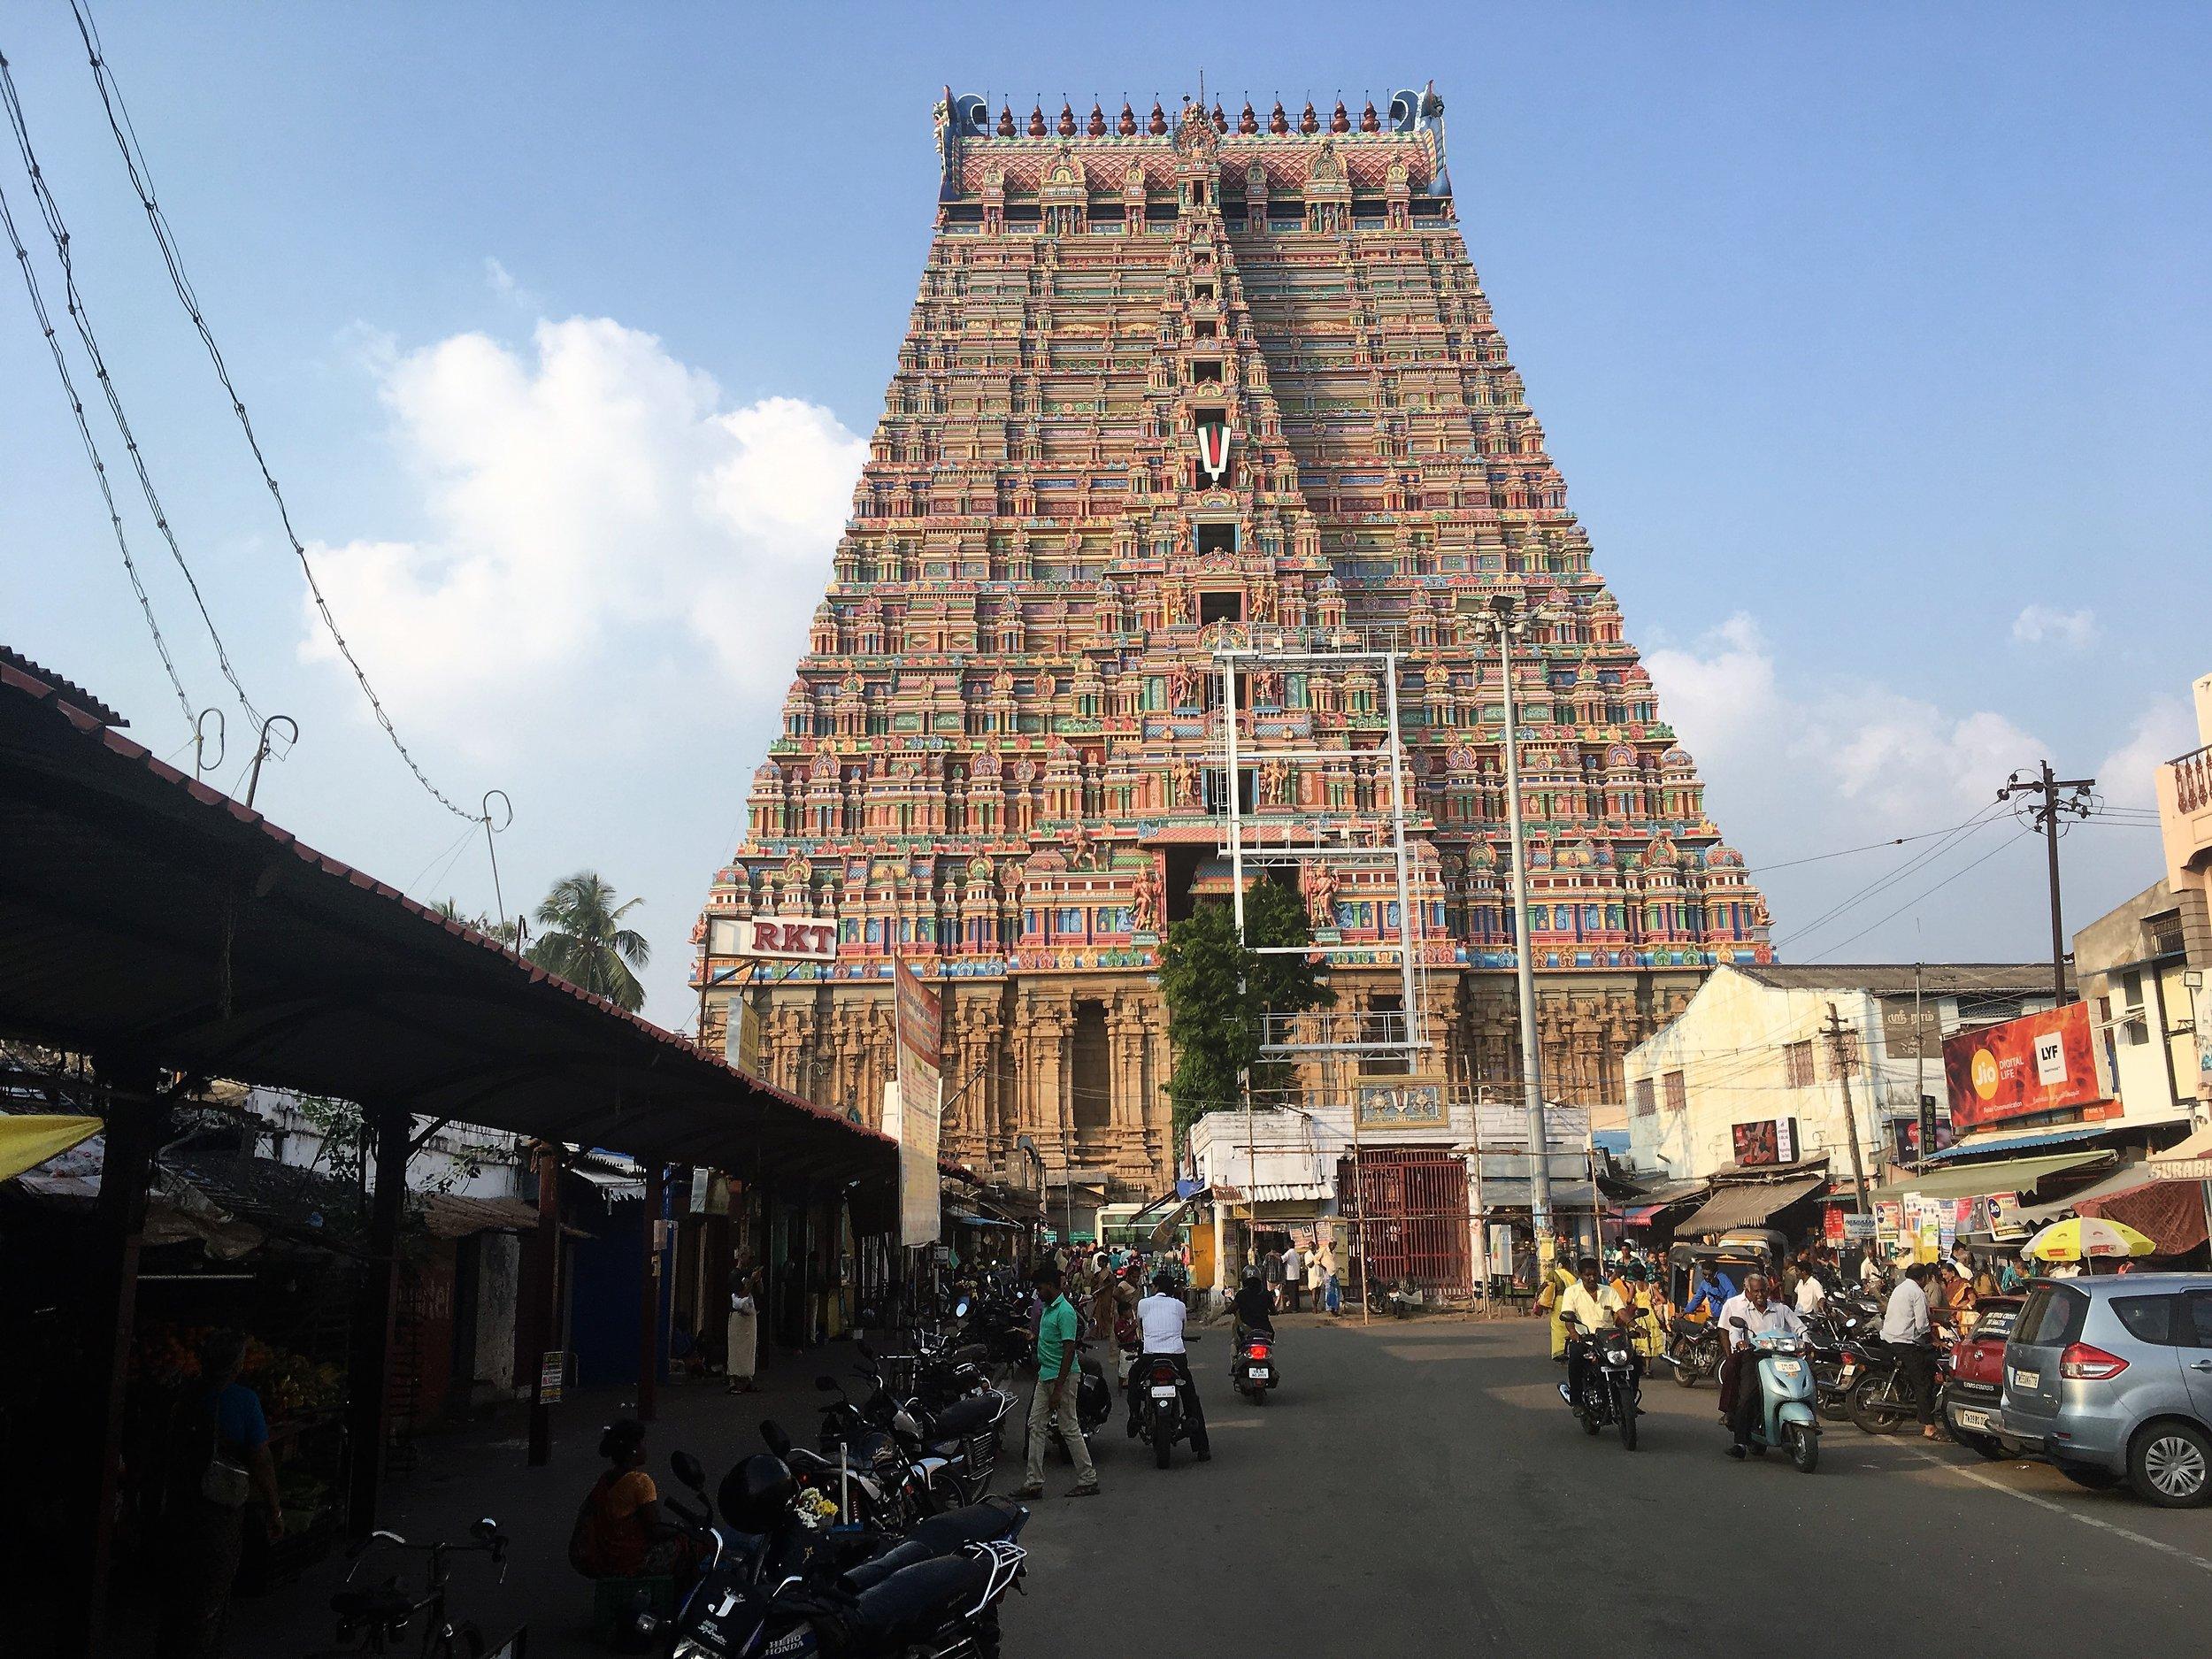 Ranganatswamy temppelialue on yksi maailman suurimmista Hindu pyhistä keskittymistä - omistettu pääjumalalle, Shivalle. Yllä olevassa kuvassa on vasta portti sisäänkäynnin yhteydessä - sisällä ei saanut kuvata ;)